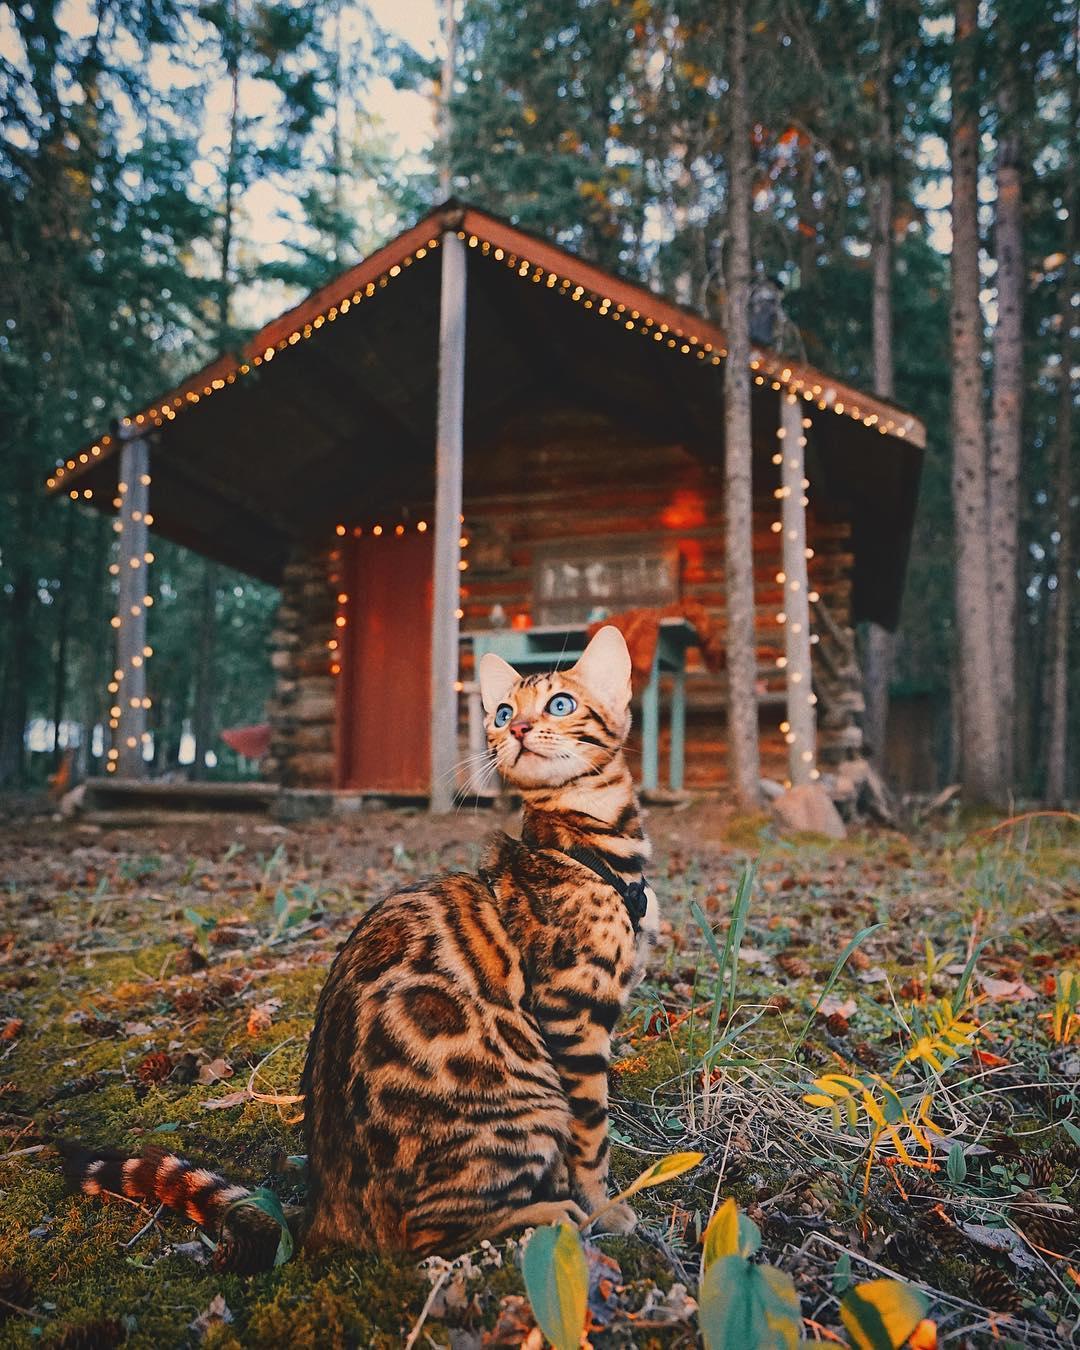 عکس های گربه بنگال ماجراجو در سفر به کانادا